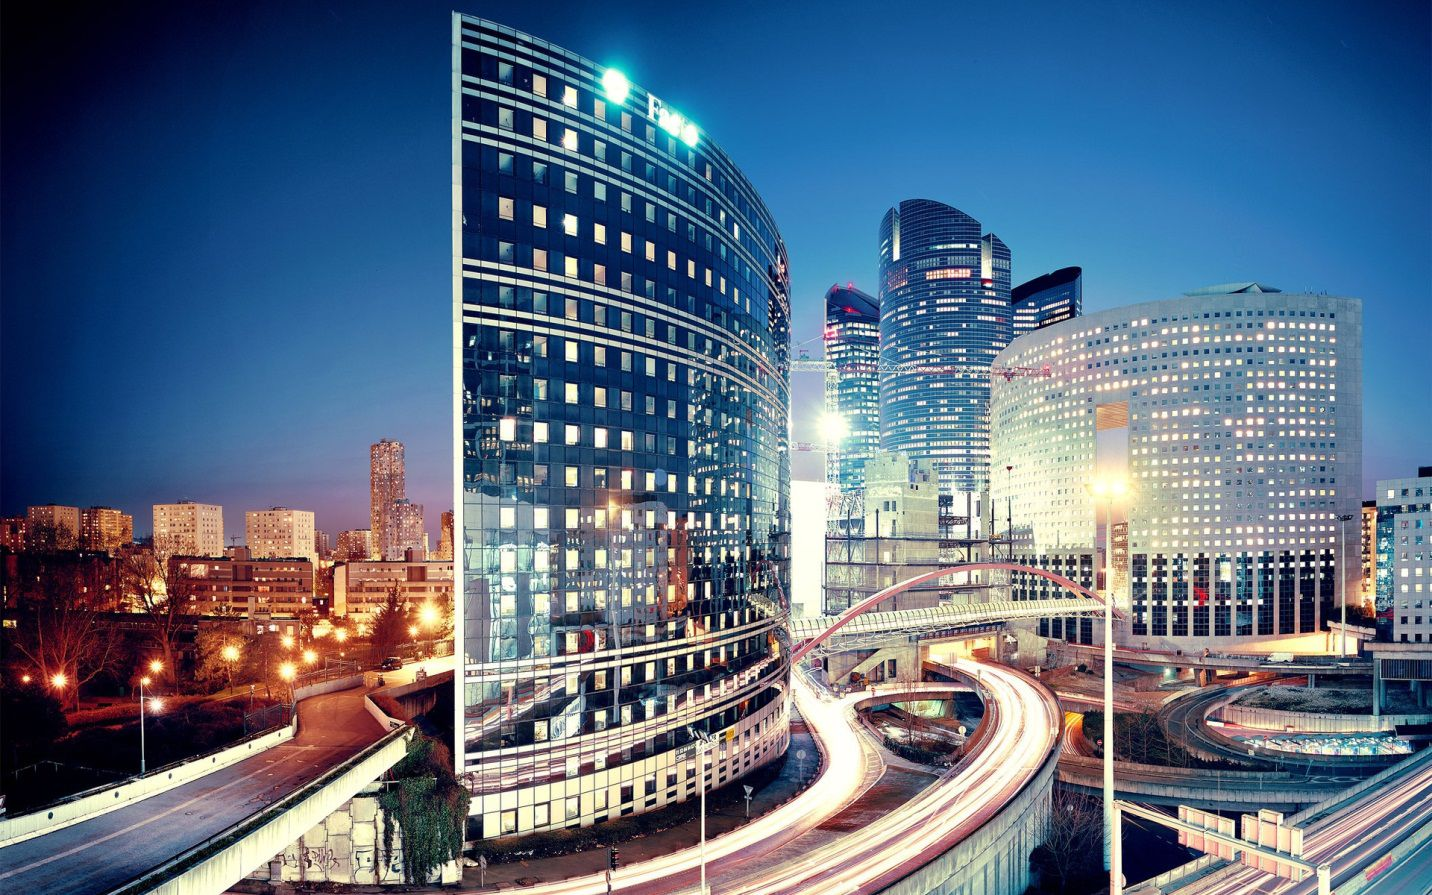 Tham vọng biến sa mạc thành siêu thành phố trị giá 500 tỷ USD của hoàng tử Ả Rập - 2